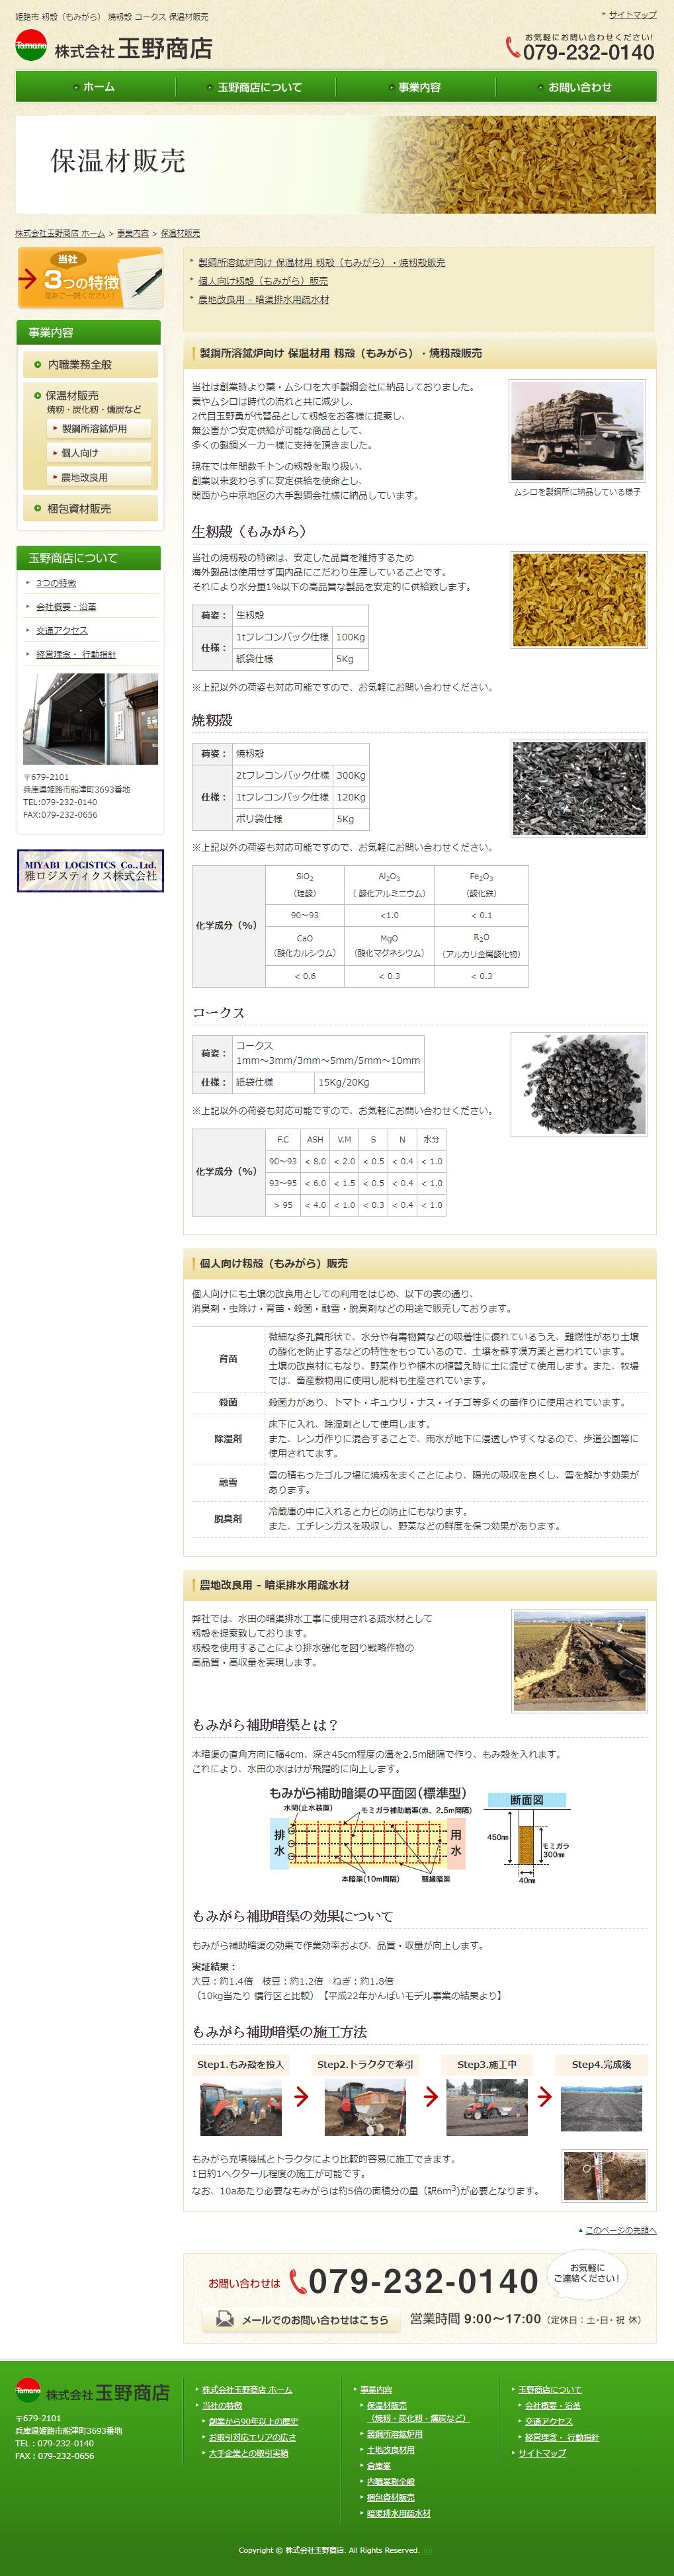 姫路市 玉野商店様 会社ホームページ2